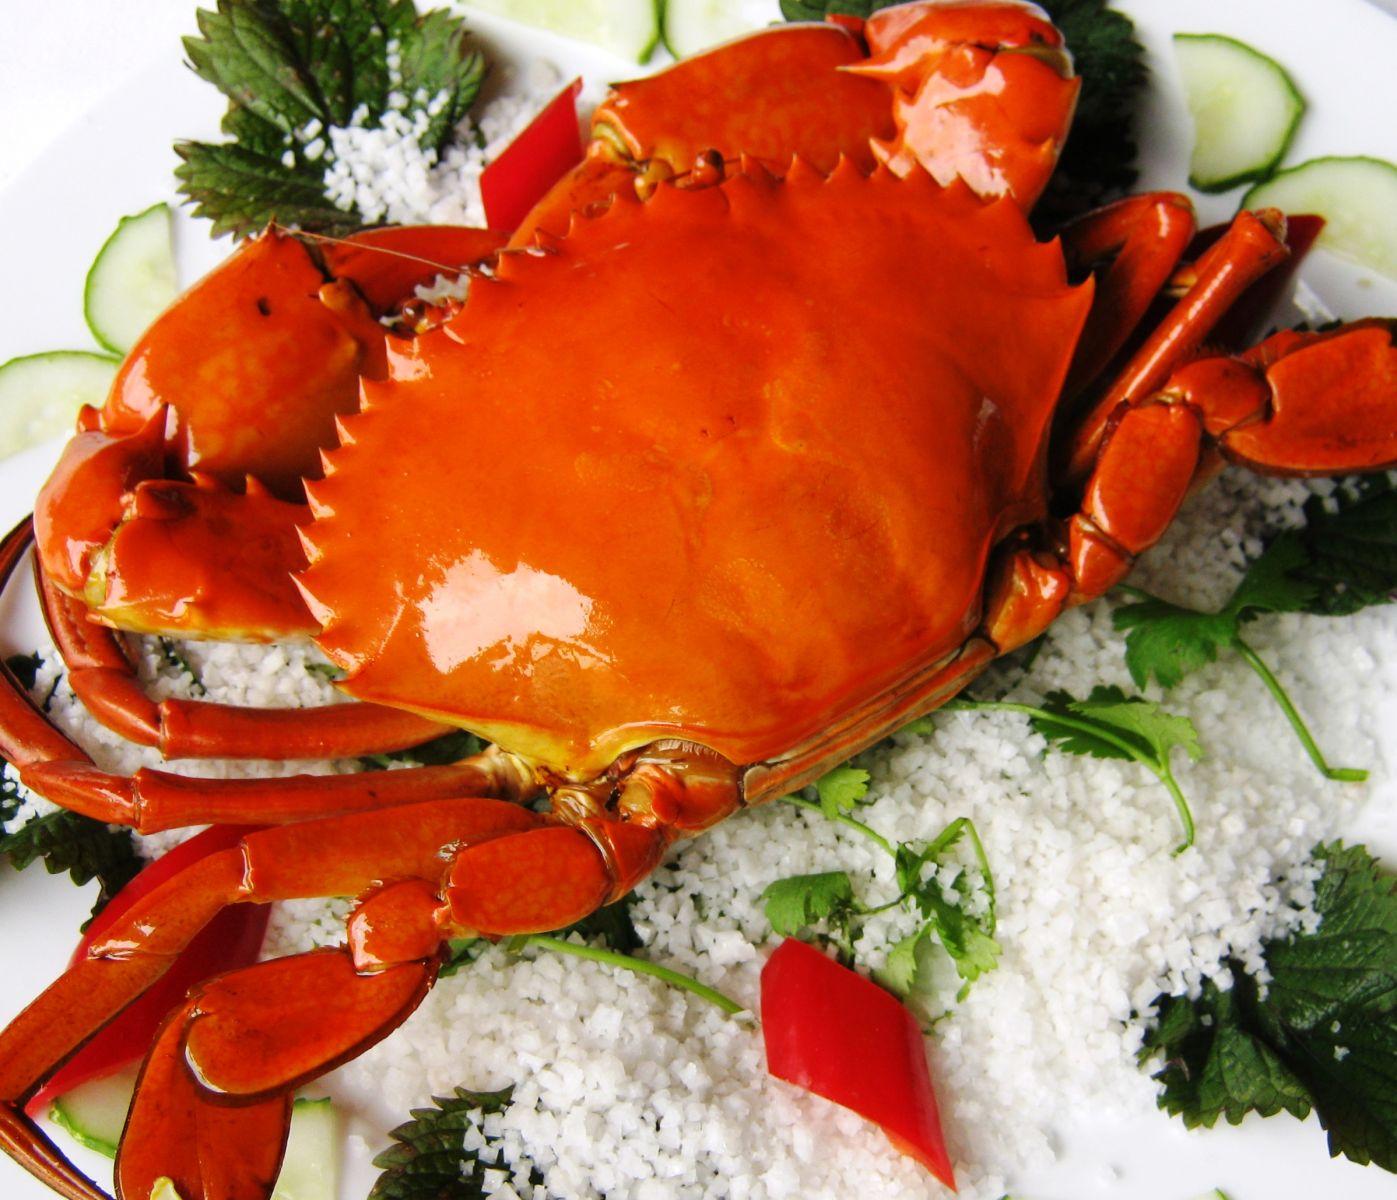 Nhiều biến tấu khác nhau tạo nên món ngon đặc sắc